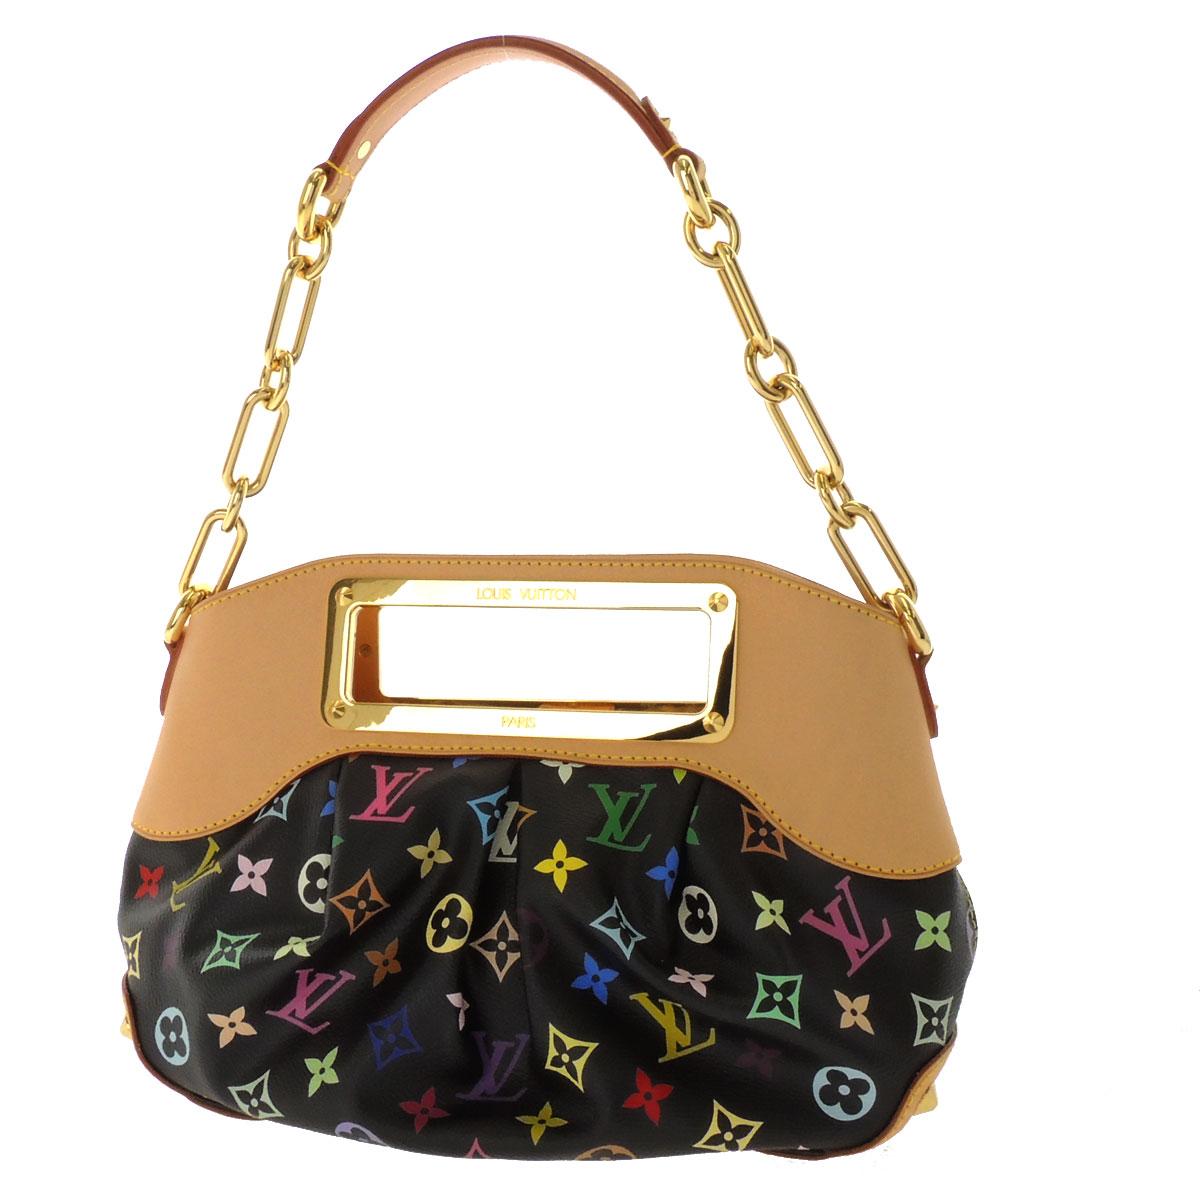 LOUIS VUITTON Judy PM M40258 shoulder bag monogram canvas Lady's fs3gm